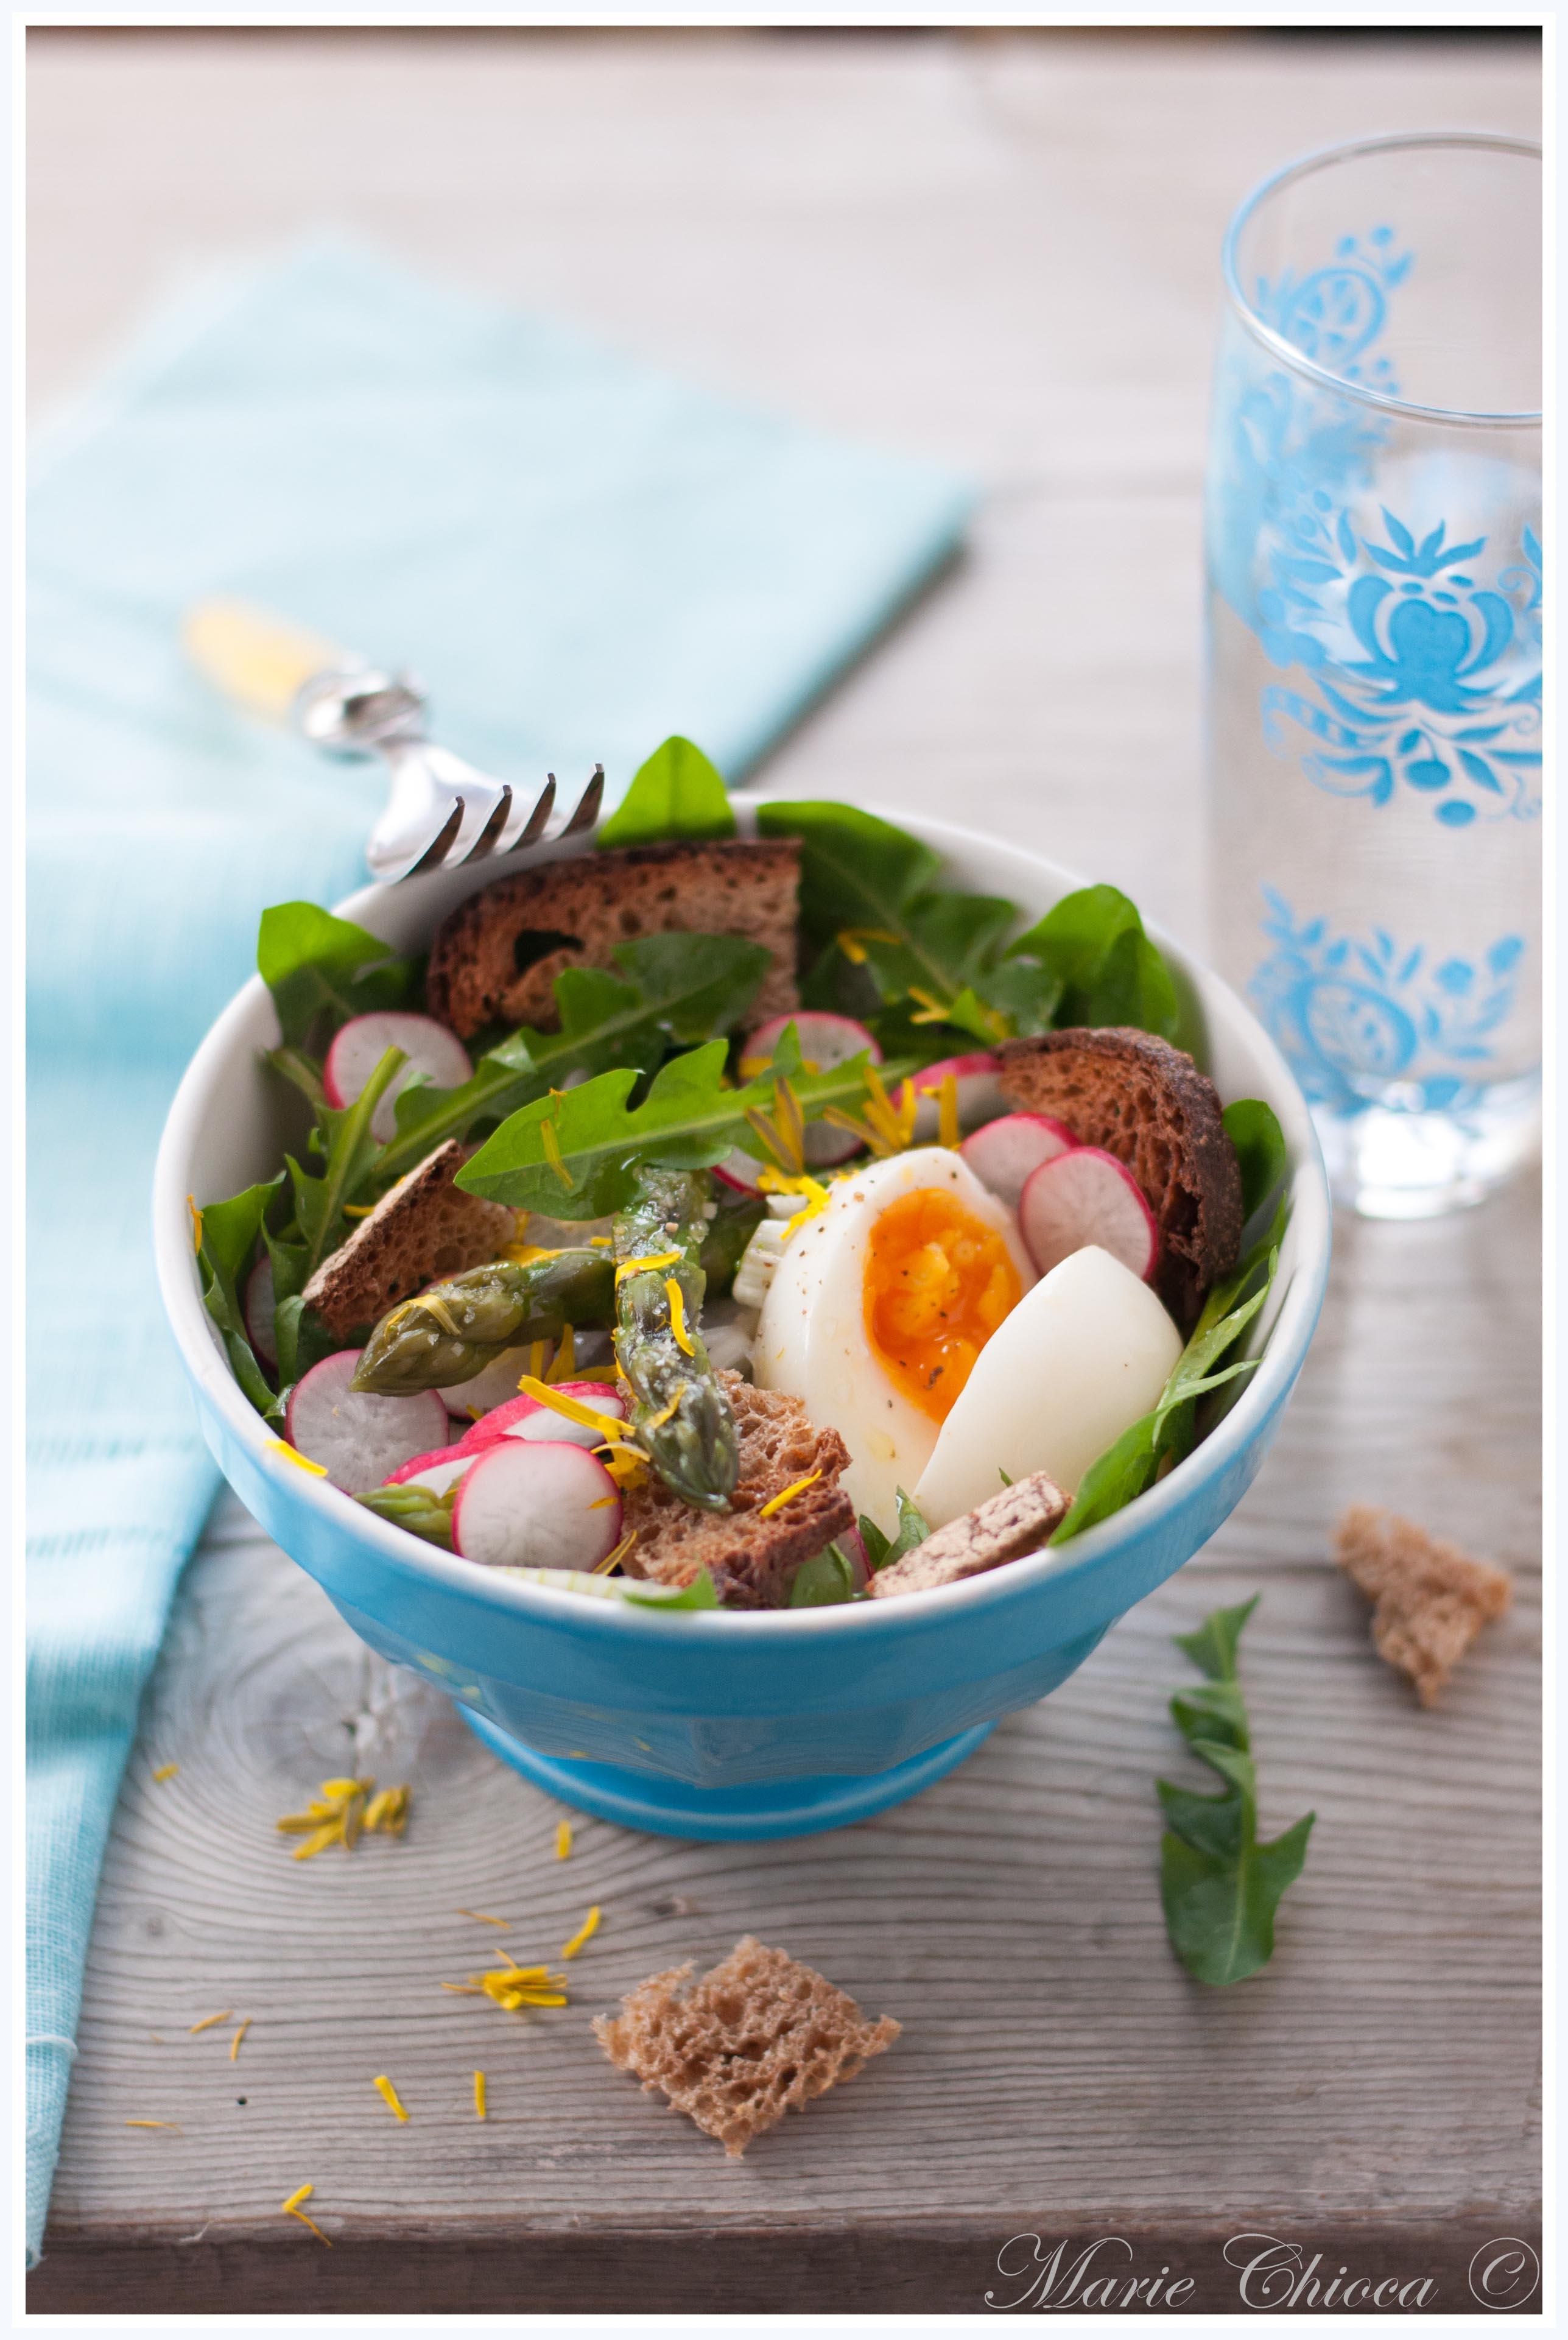 Salade printanière au pissenlit-2